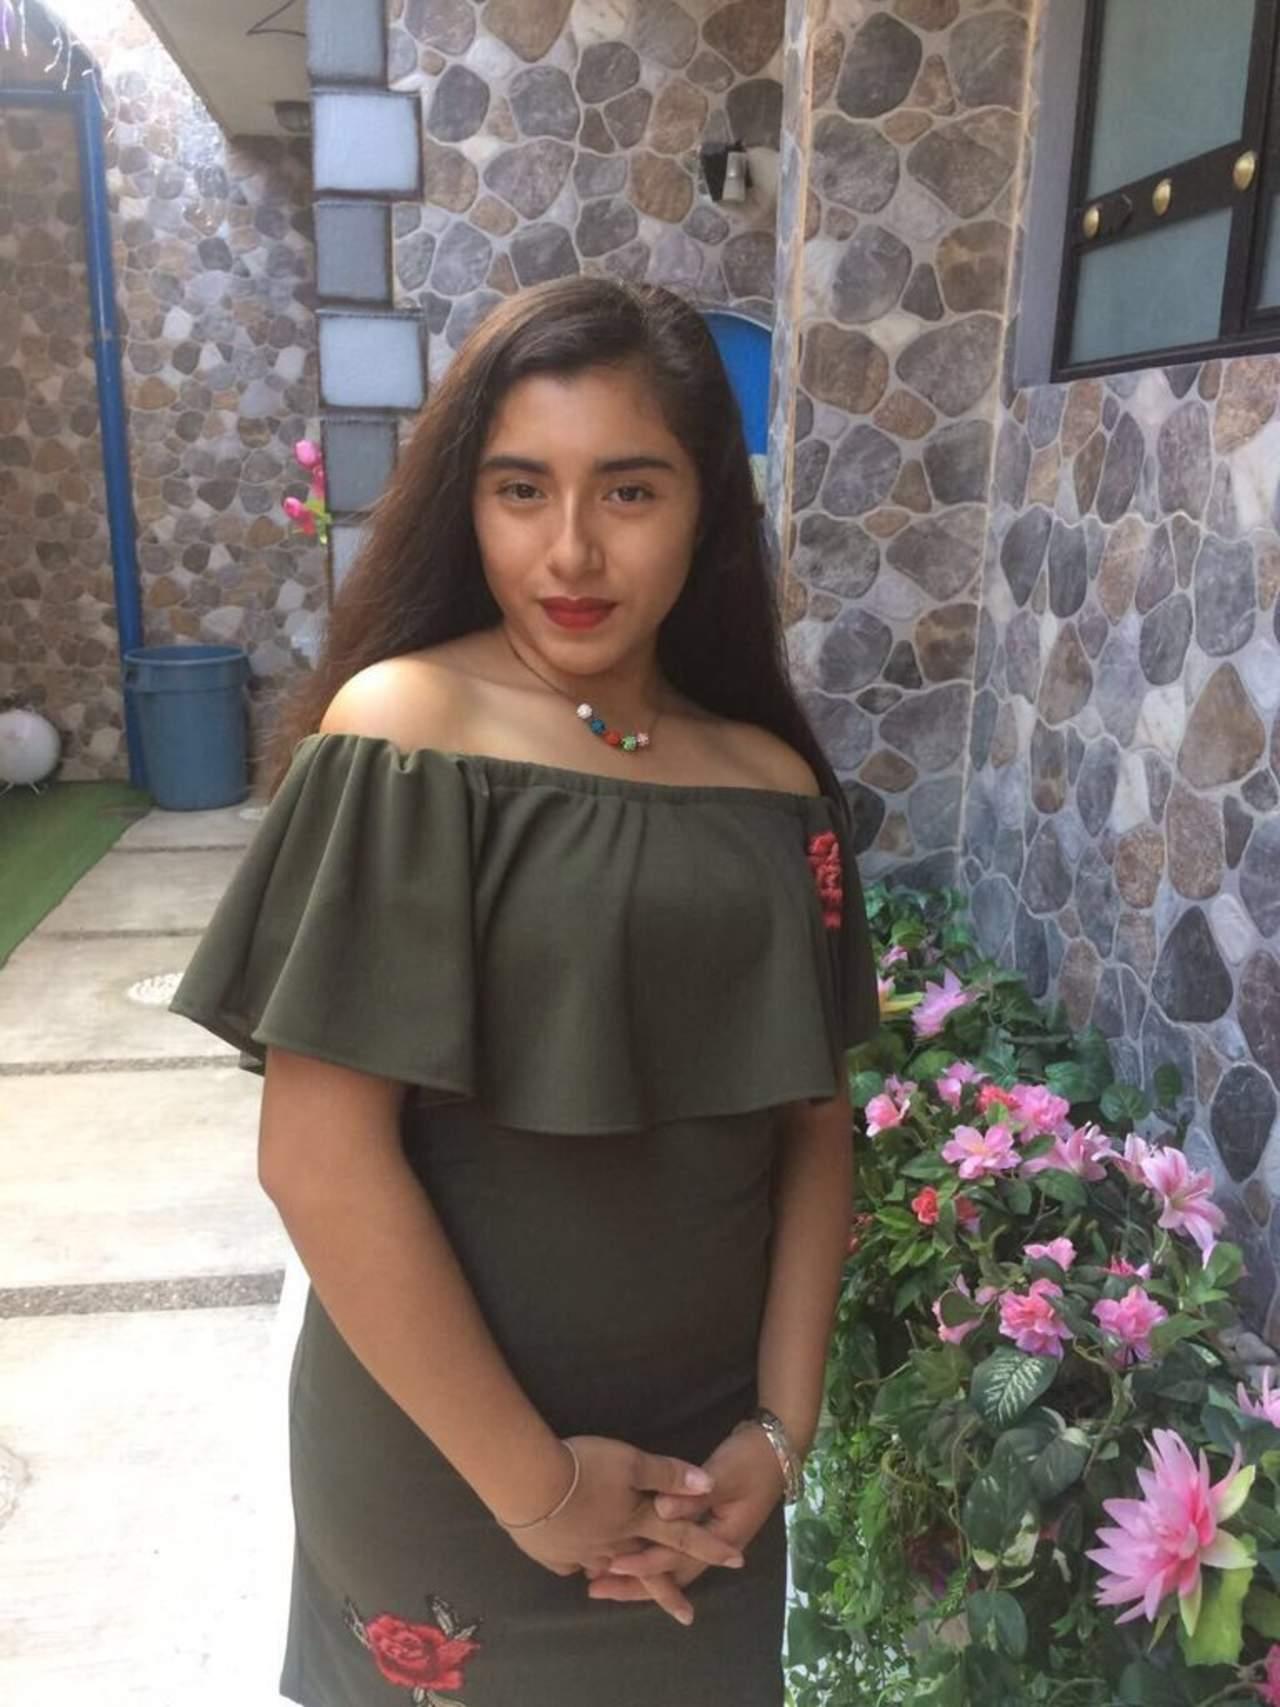 Reportan desaparición de estudiante en Chilpancingo